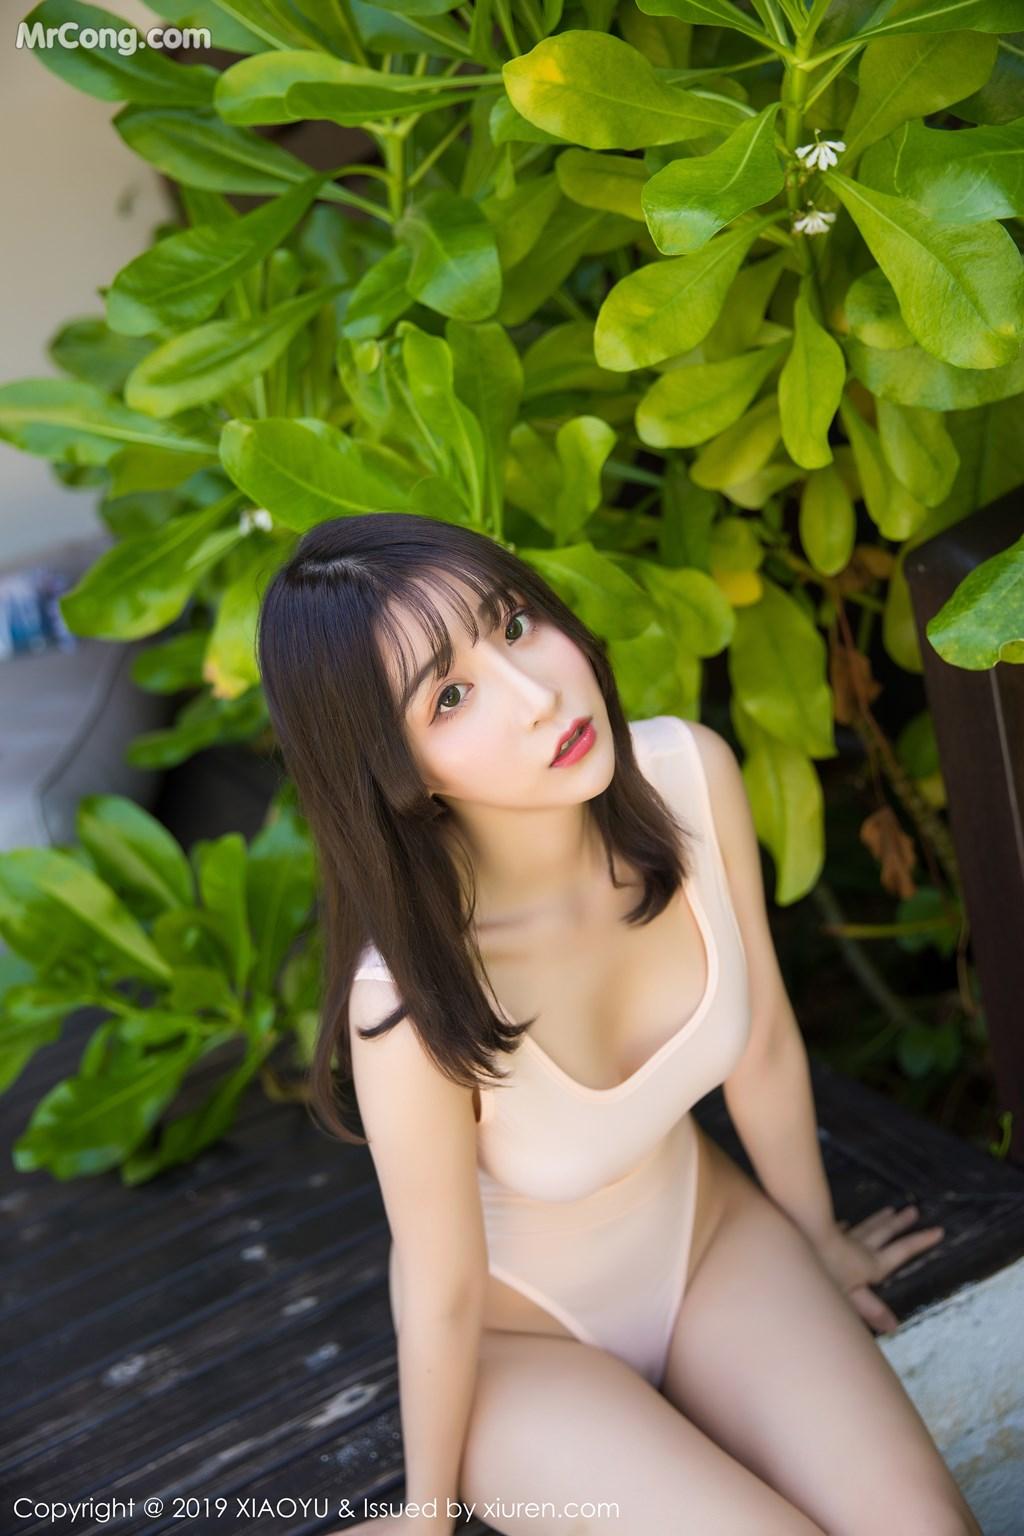 Image XiaoYu-Vol.155-Cherry-MrCong.com-013 in post XiaoYu Vol.155: 绯月樱-Cherry (67 ảnh)